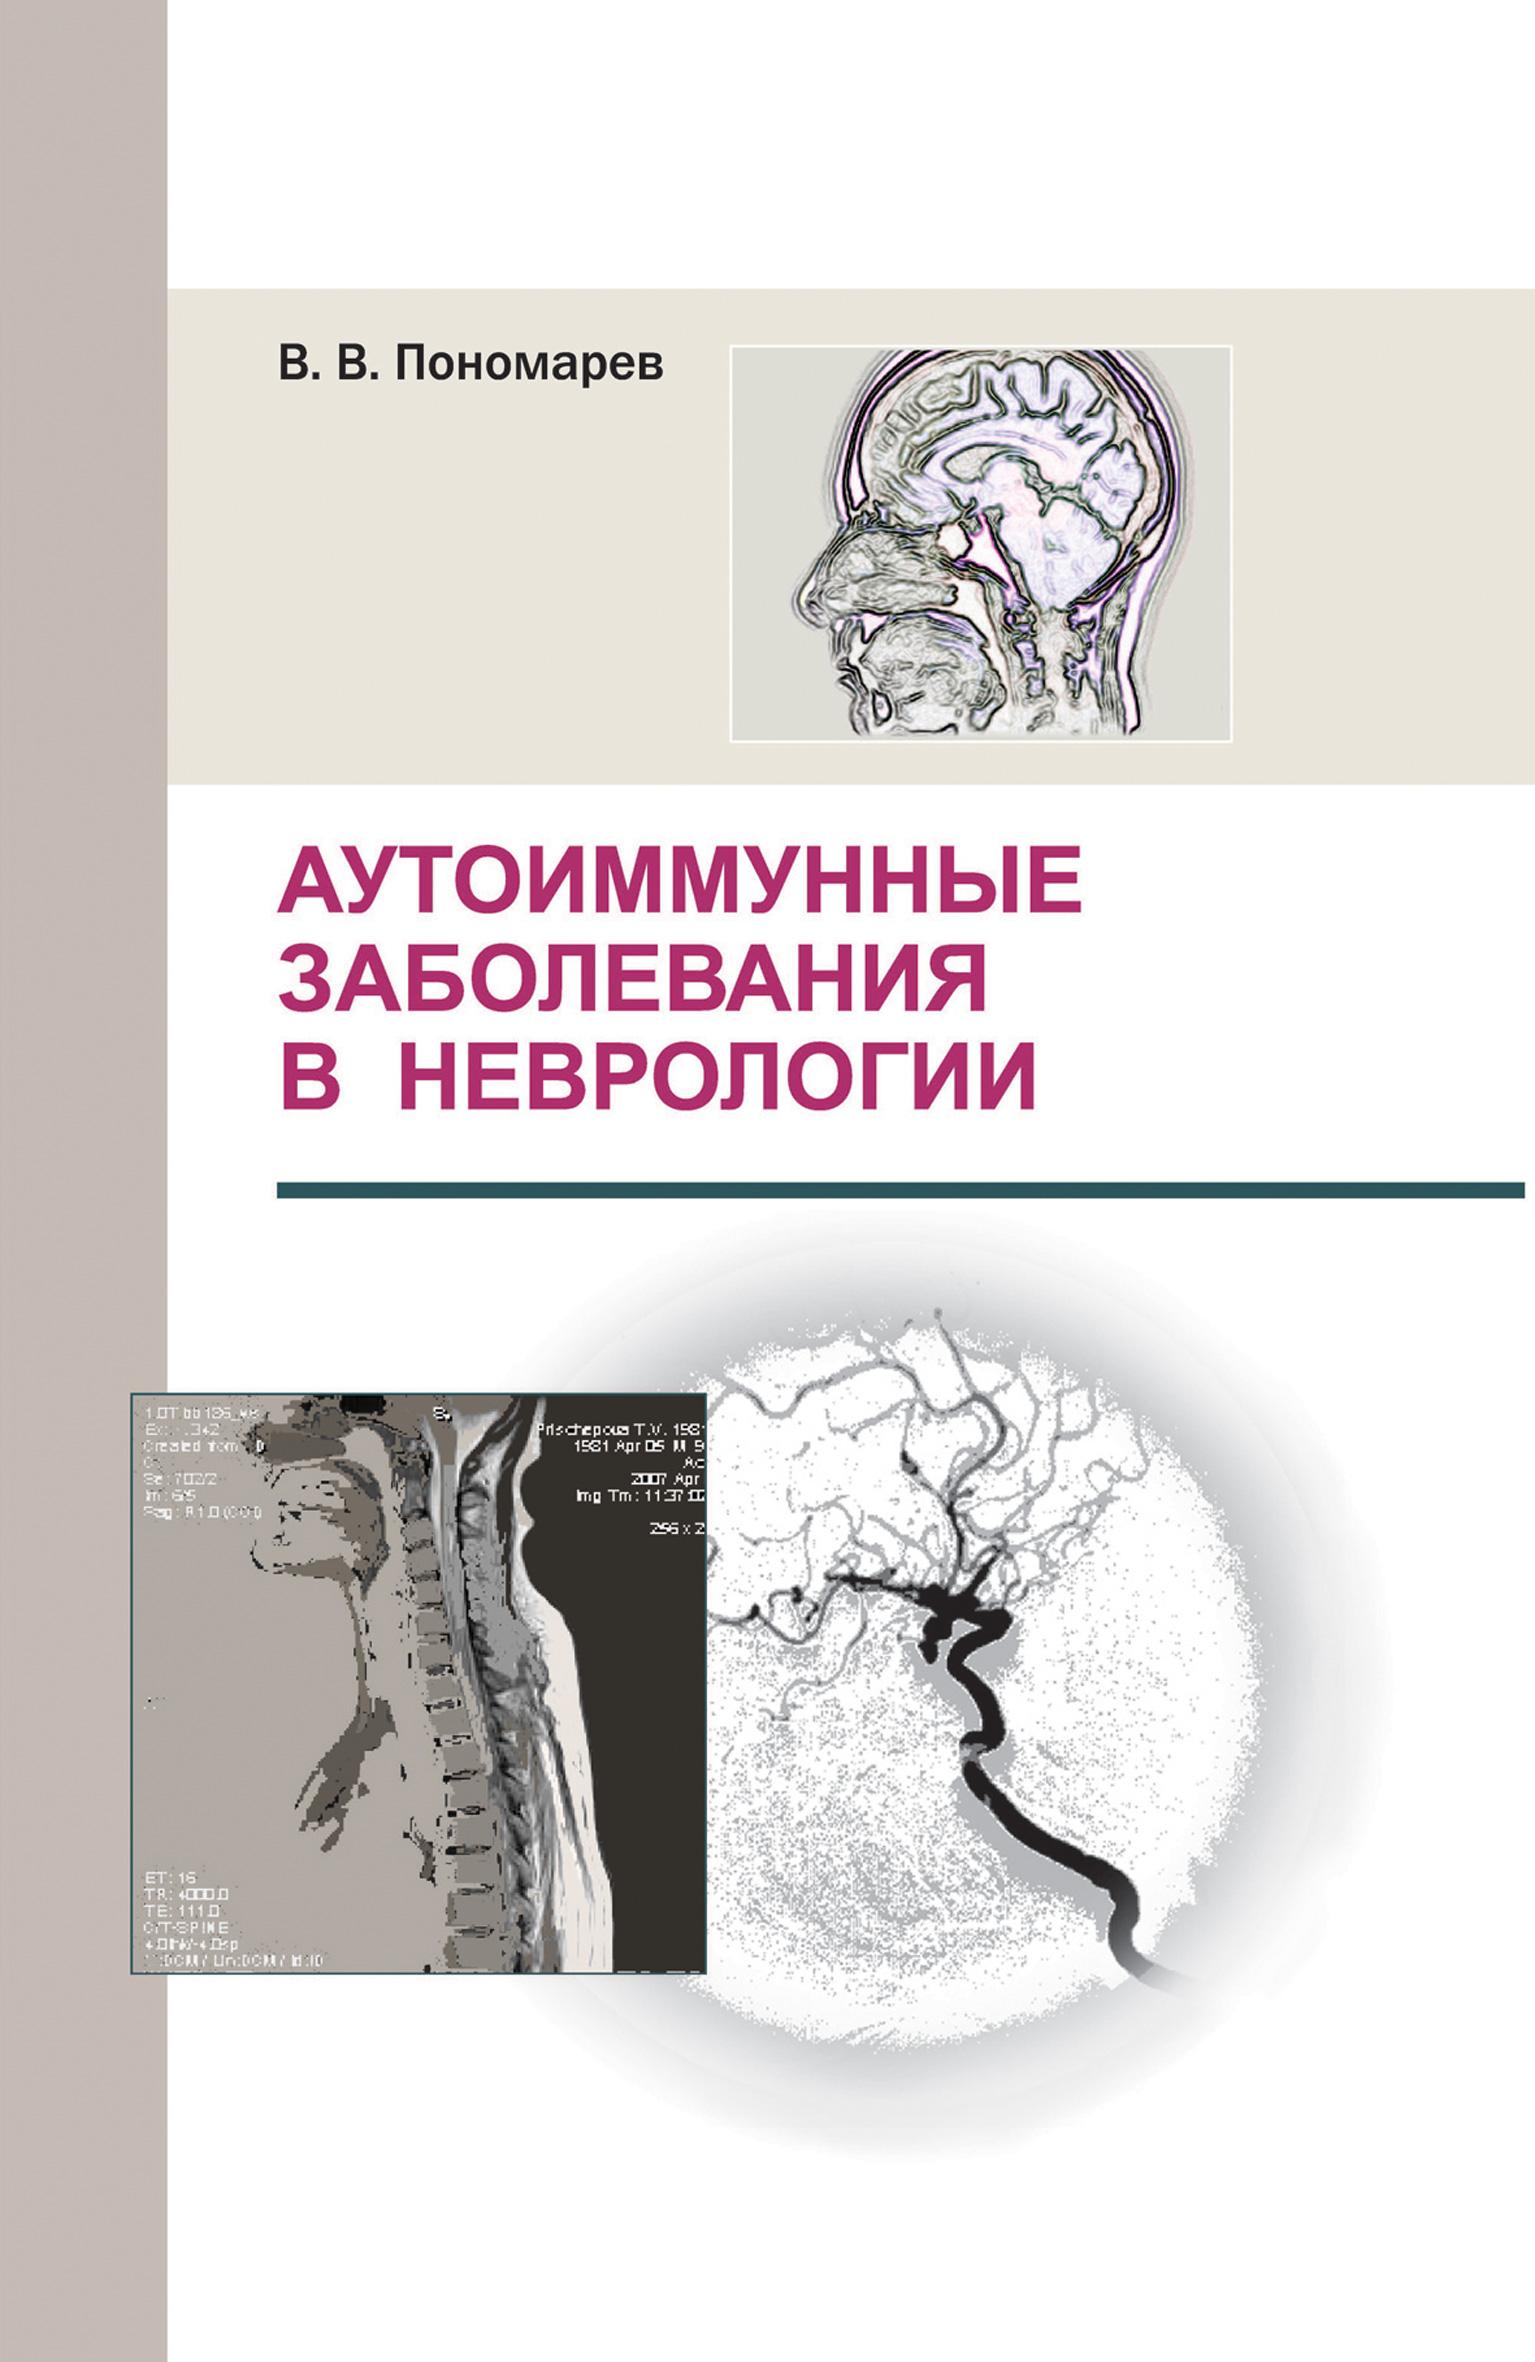 В. В. Пономарев Аутоиммунные заболевания в неврологии хасанова д данилов в рек инсульт современные подходы диагностики лечения и профилактики методические рекомендации